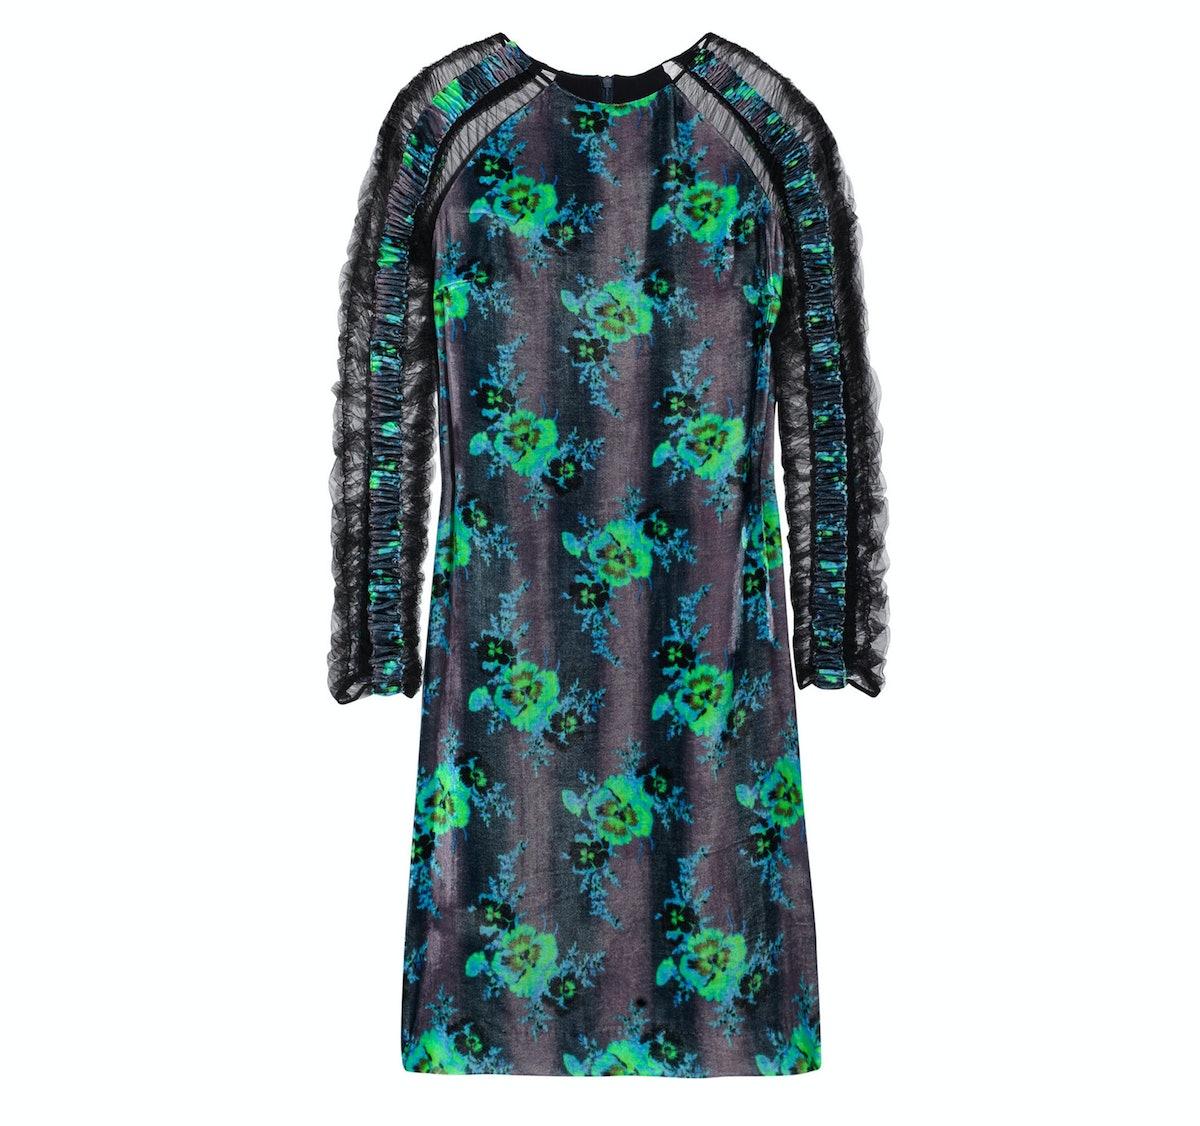 fass-katie-becker-statement-dresses-09